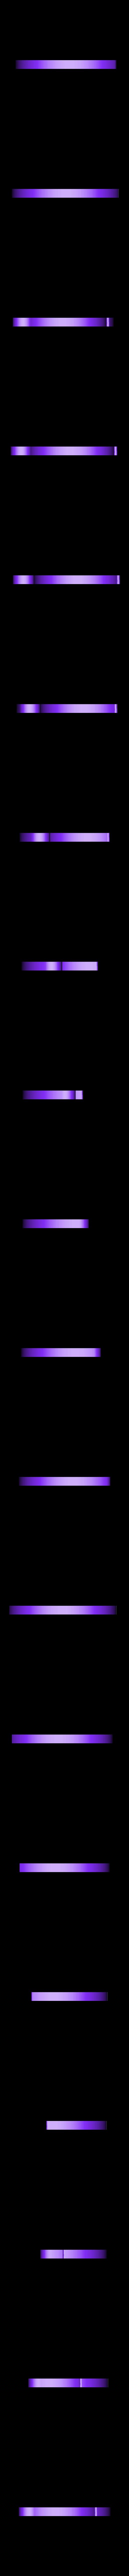 Pendiente bijou à membrane.stl Télécharger fichier STL gratuit bijou à membrane • Modèle à imprimer en 3D, ArtViche